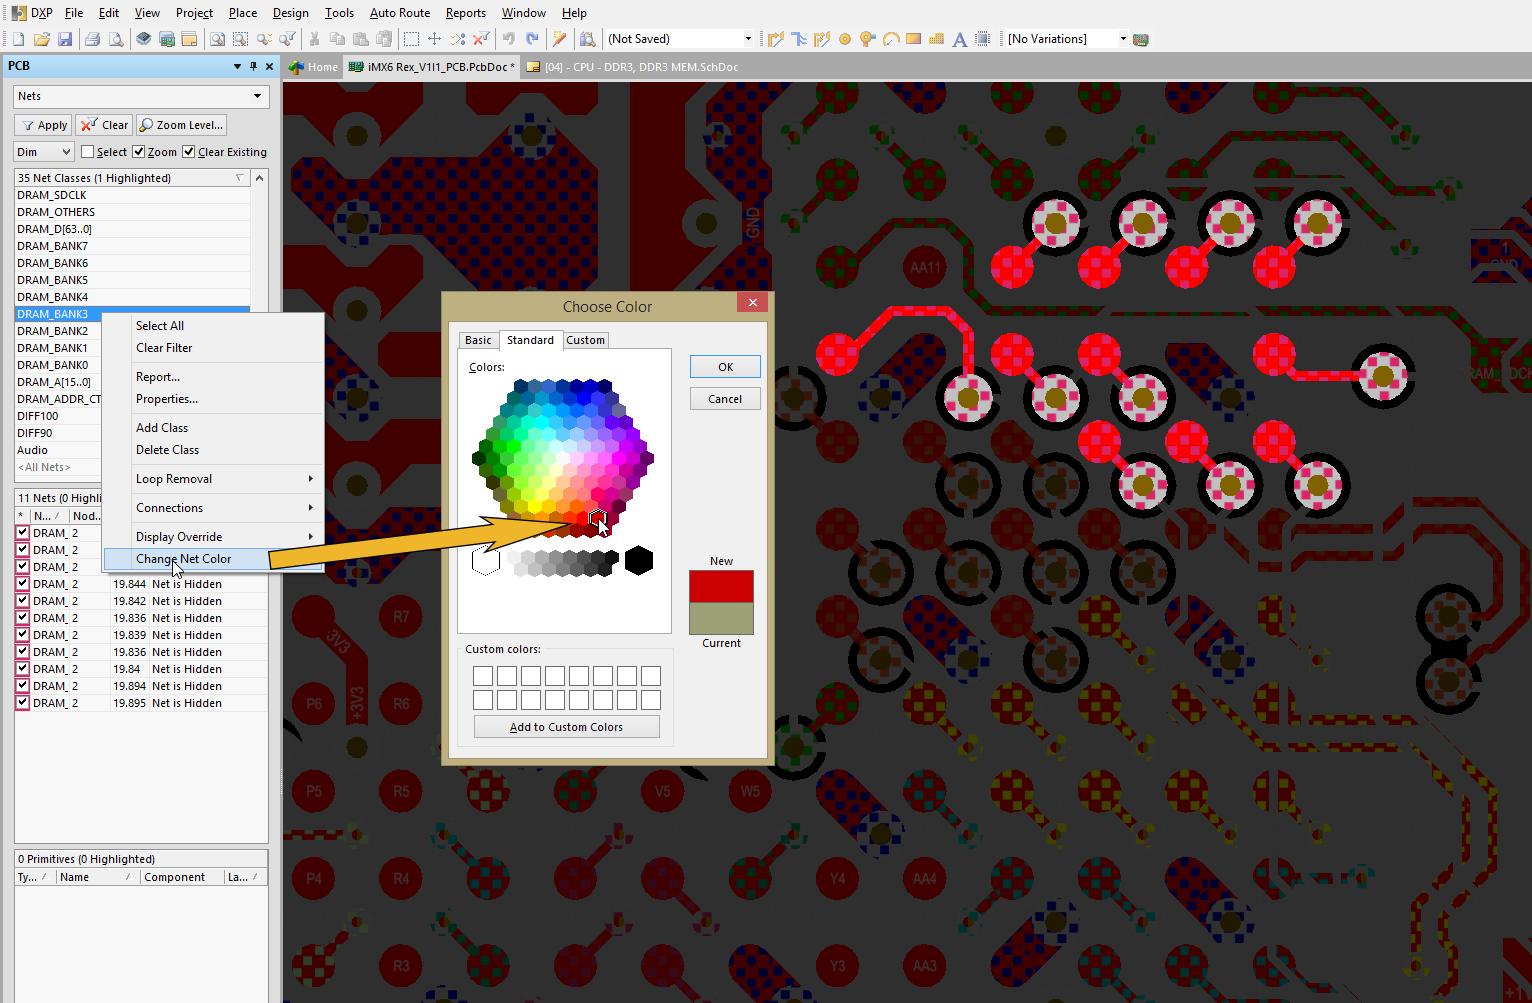 Asignar diferentes colores a cada grupo puede hacer el enrutado de memoria DDR3 más sencillo de organizar